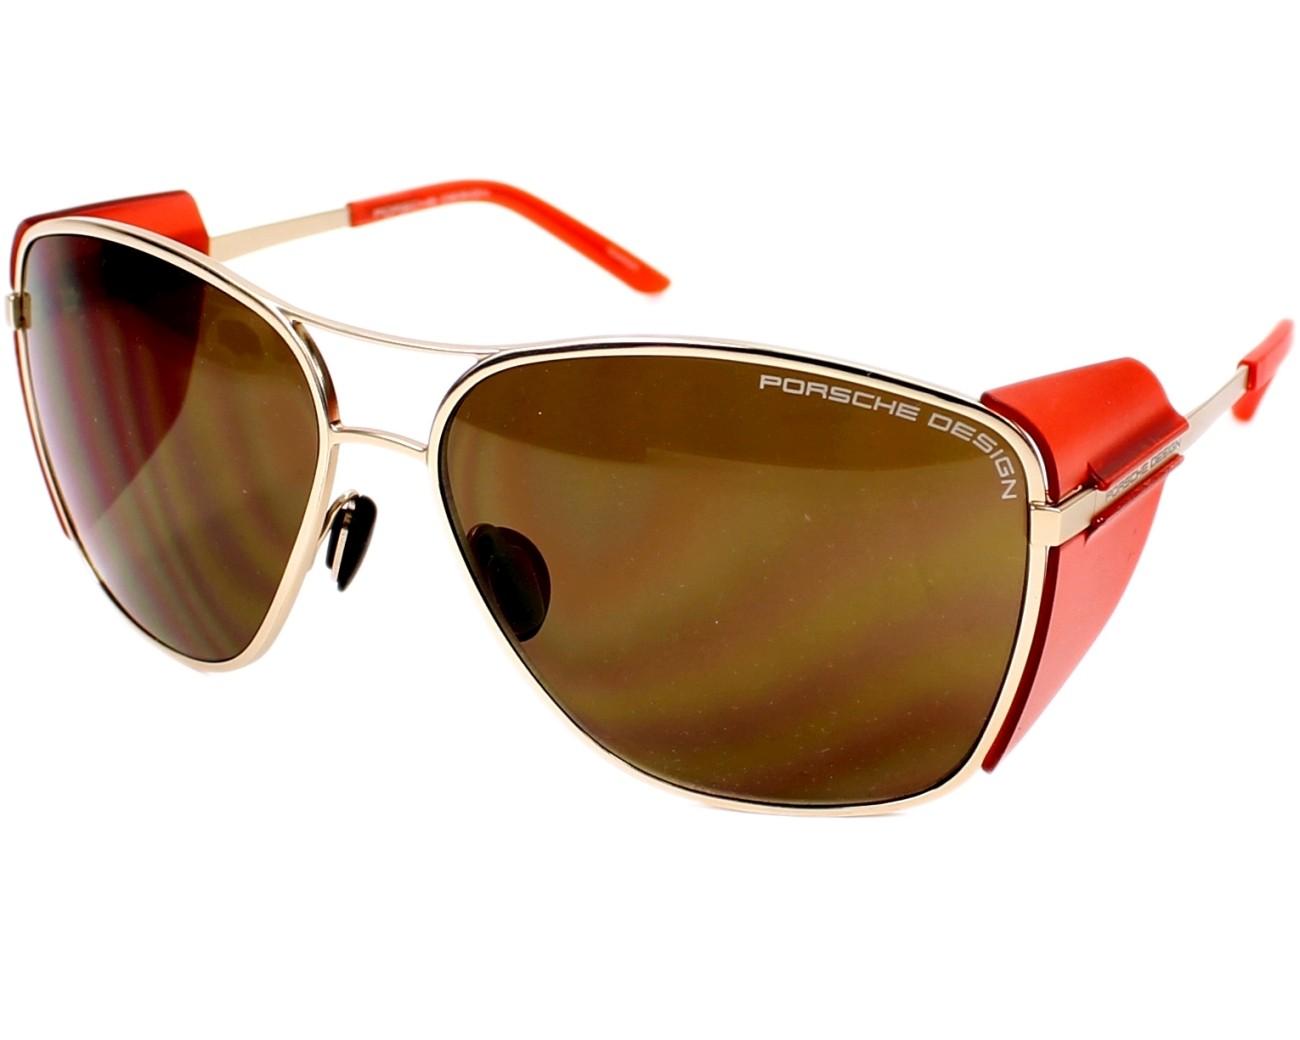 lunettes de soleil porsche design p 8600 b or avec des verres marron. Black Bedroom Furniture Sets. Home Design Ideas